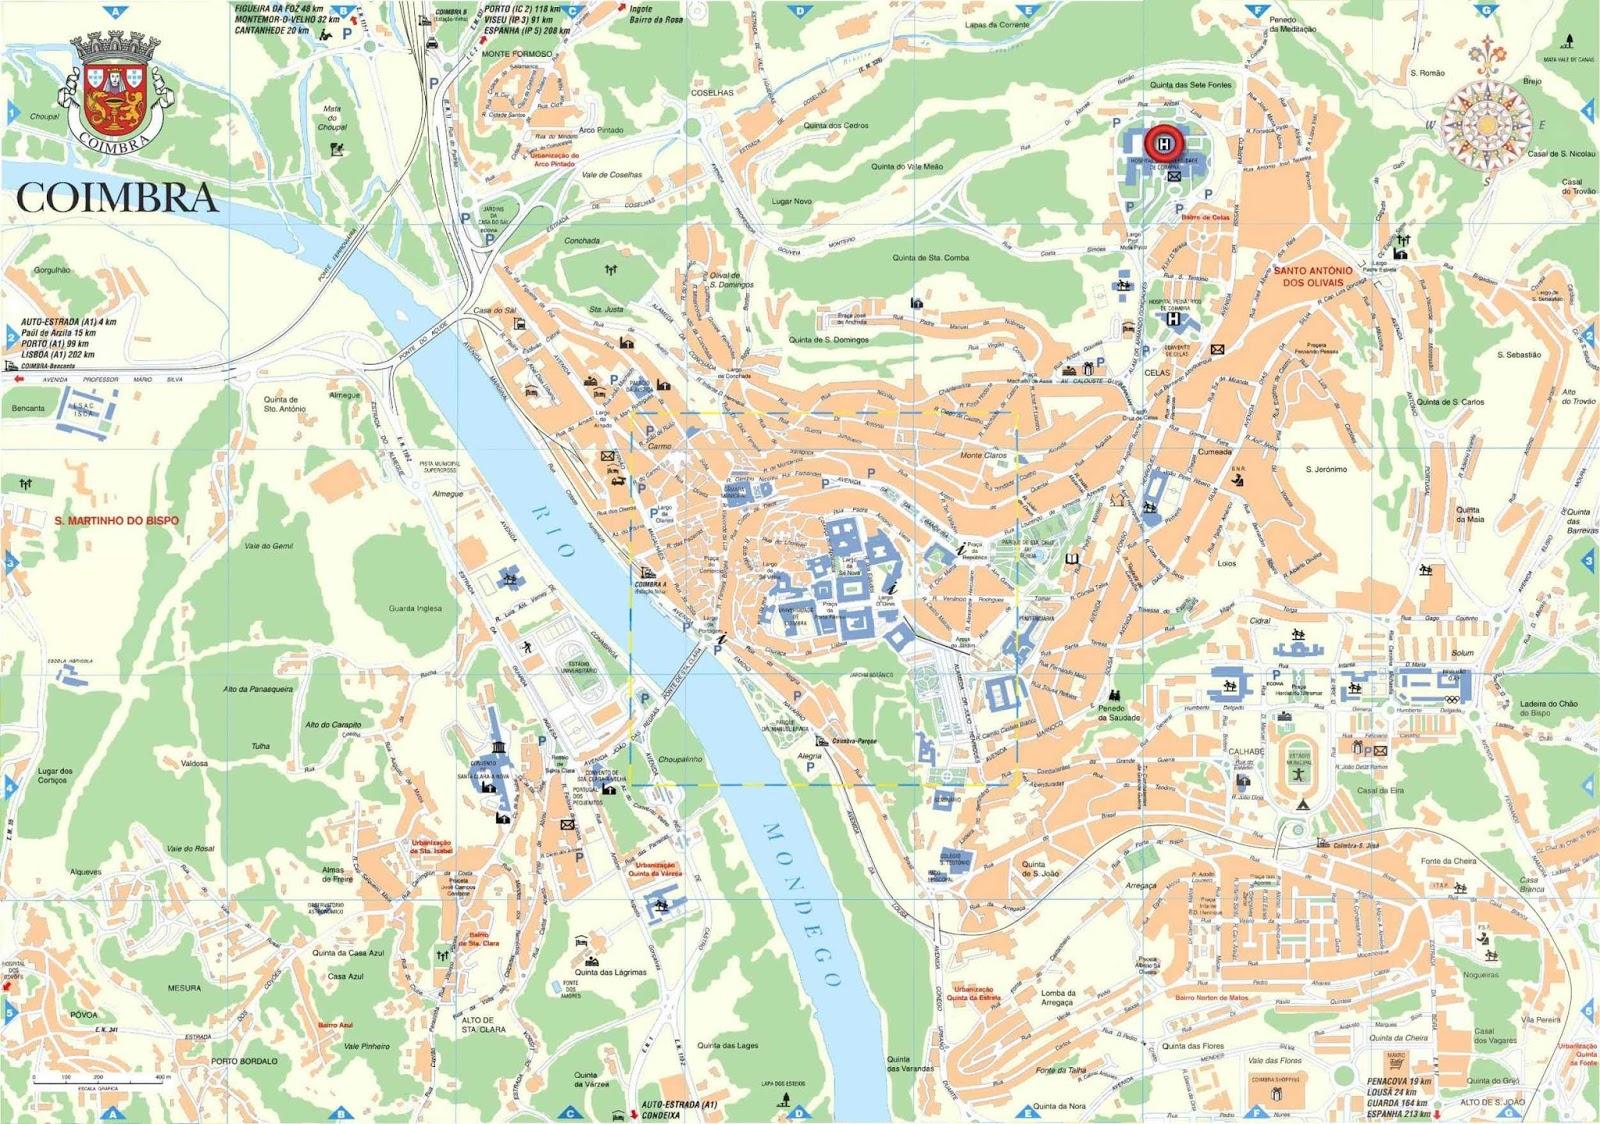 mapa de coimbra Mapas de Coimbra   Portugal | MapasBlog mapa de coimbra